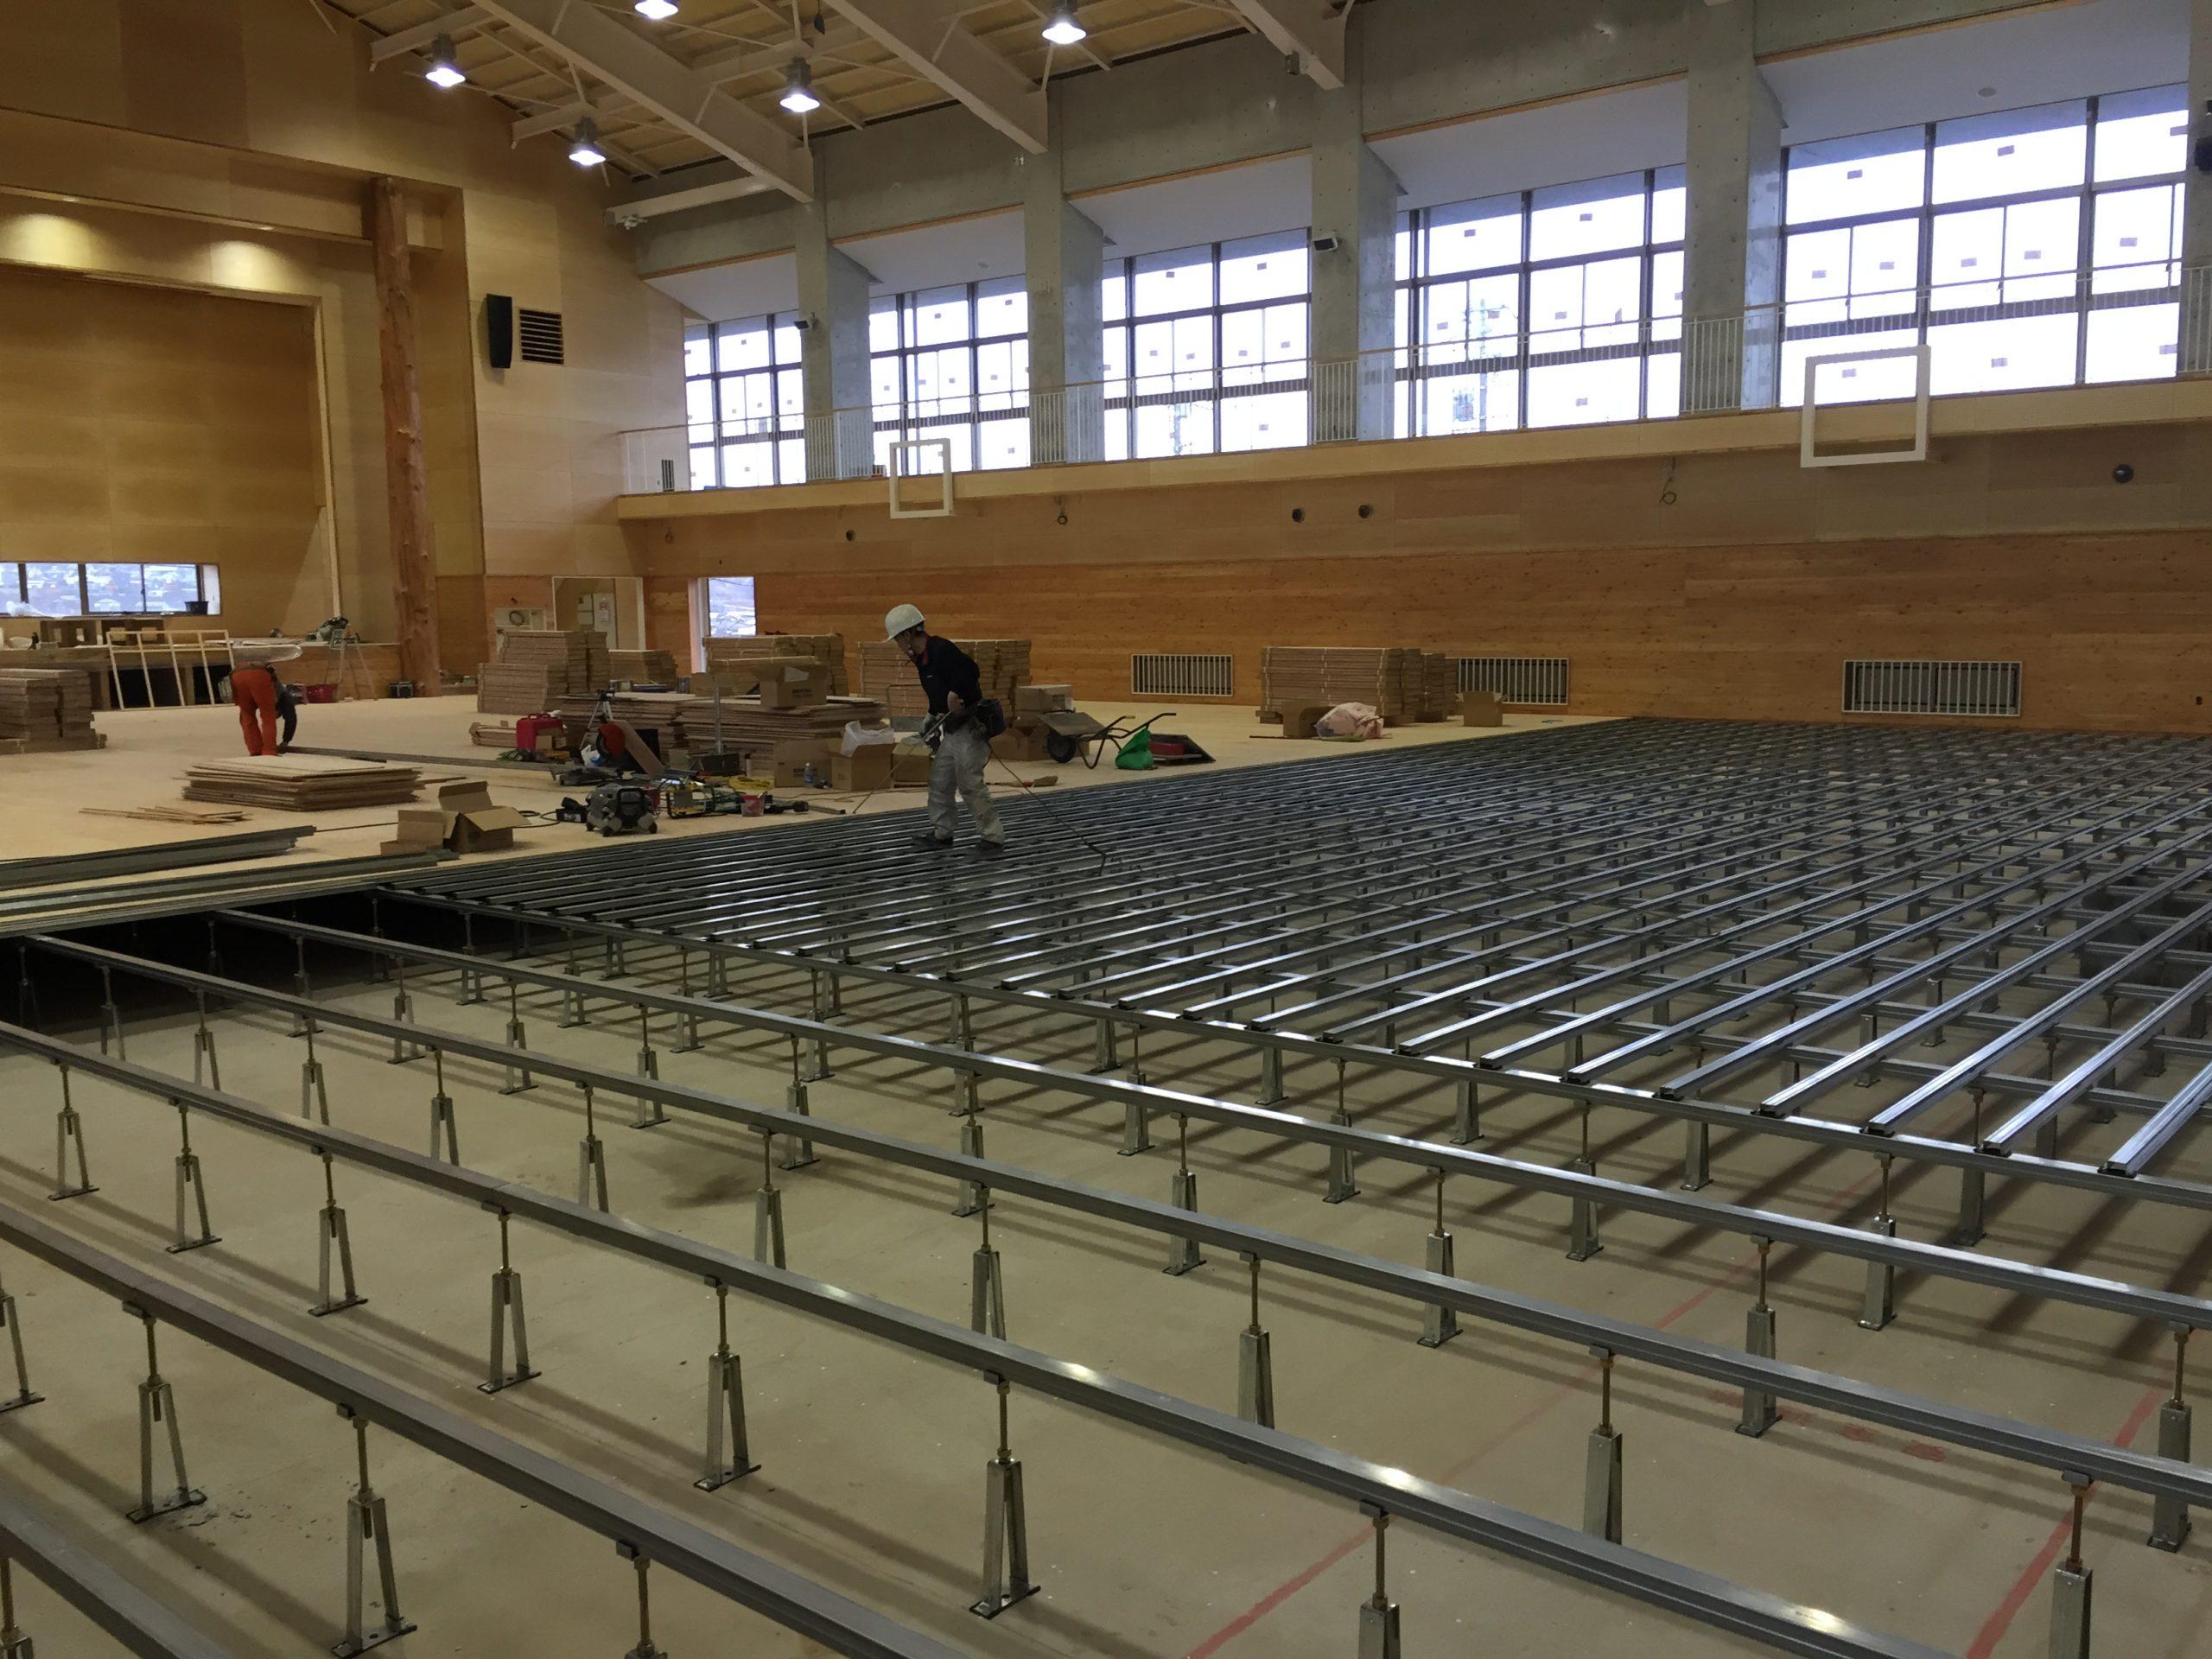 統合集学校体育館新築工事、鋼製床下地組み、フローリングフロア特殊張り工事